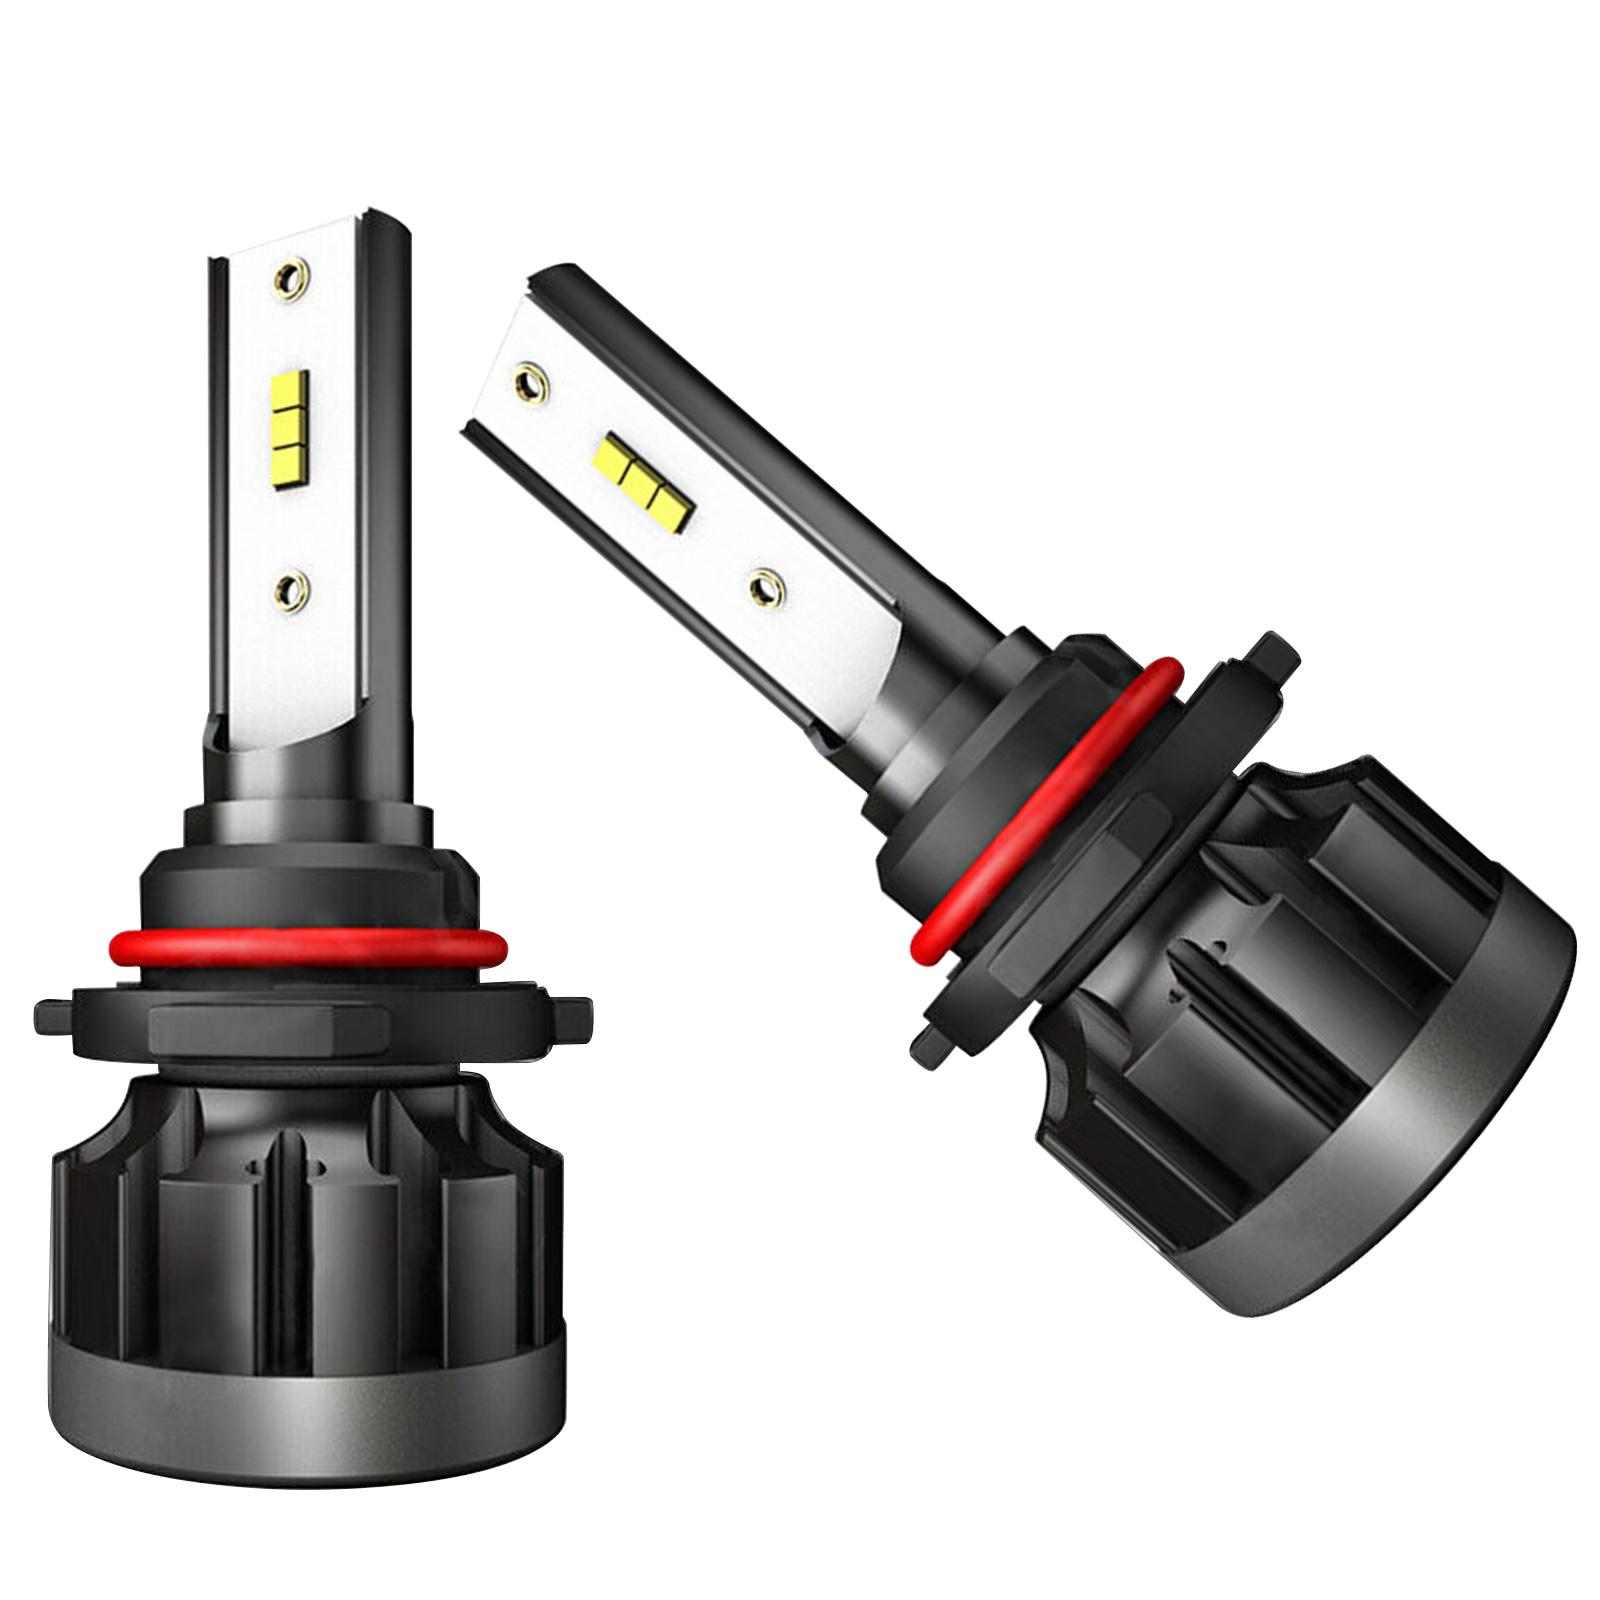 [AYBZADA-Onsky] Bóng Đèn Pha Đèn Làm Việc Một Bộ Chùm Thấp 2 Cái Sương Mù Đèn Xe Ô Tô Tự Làm Mát Bằng Hợp Kim Nhôm Xe Tải Cao Màu Trắng COB Sáng Chuyển Đổi Có Chip CSP thumbnail